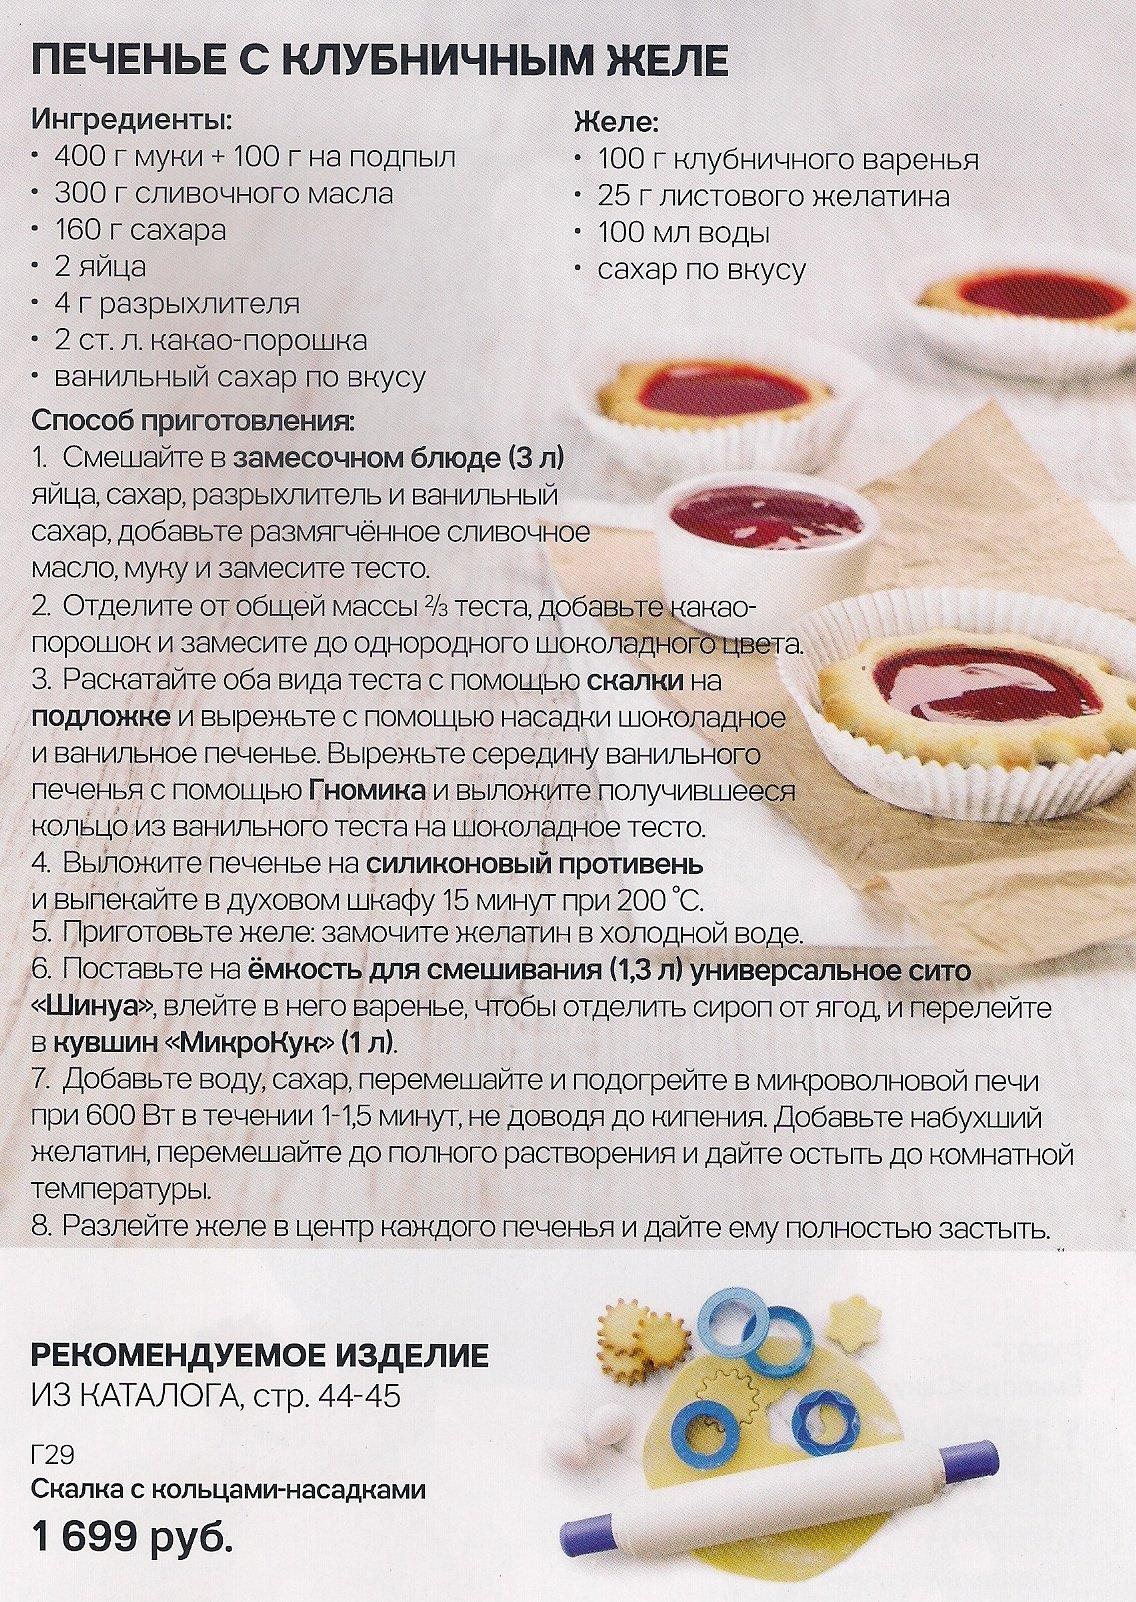 http://tupperware-online.ru/images/upload/s4.jpg